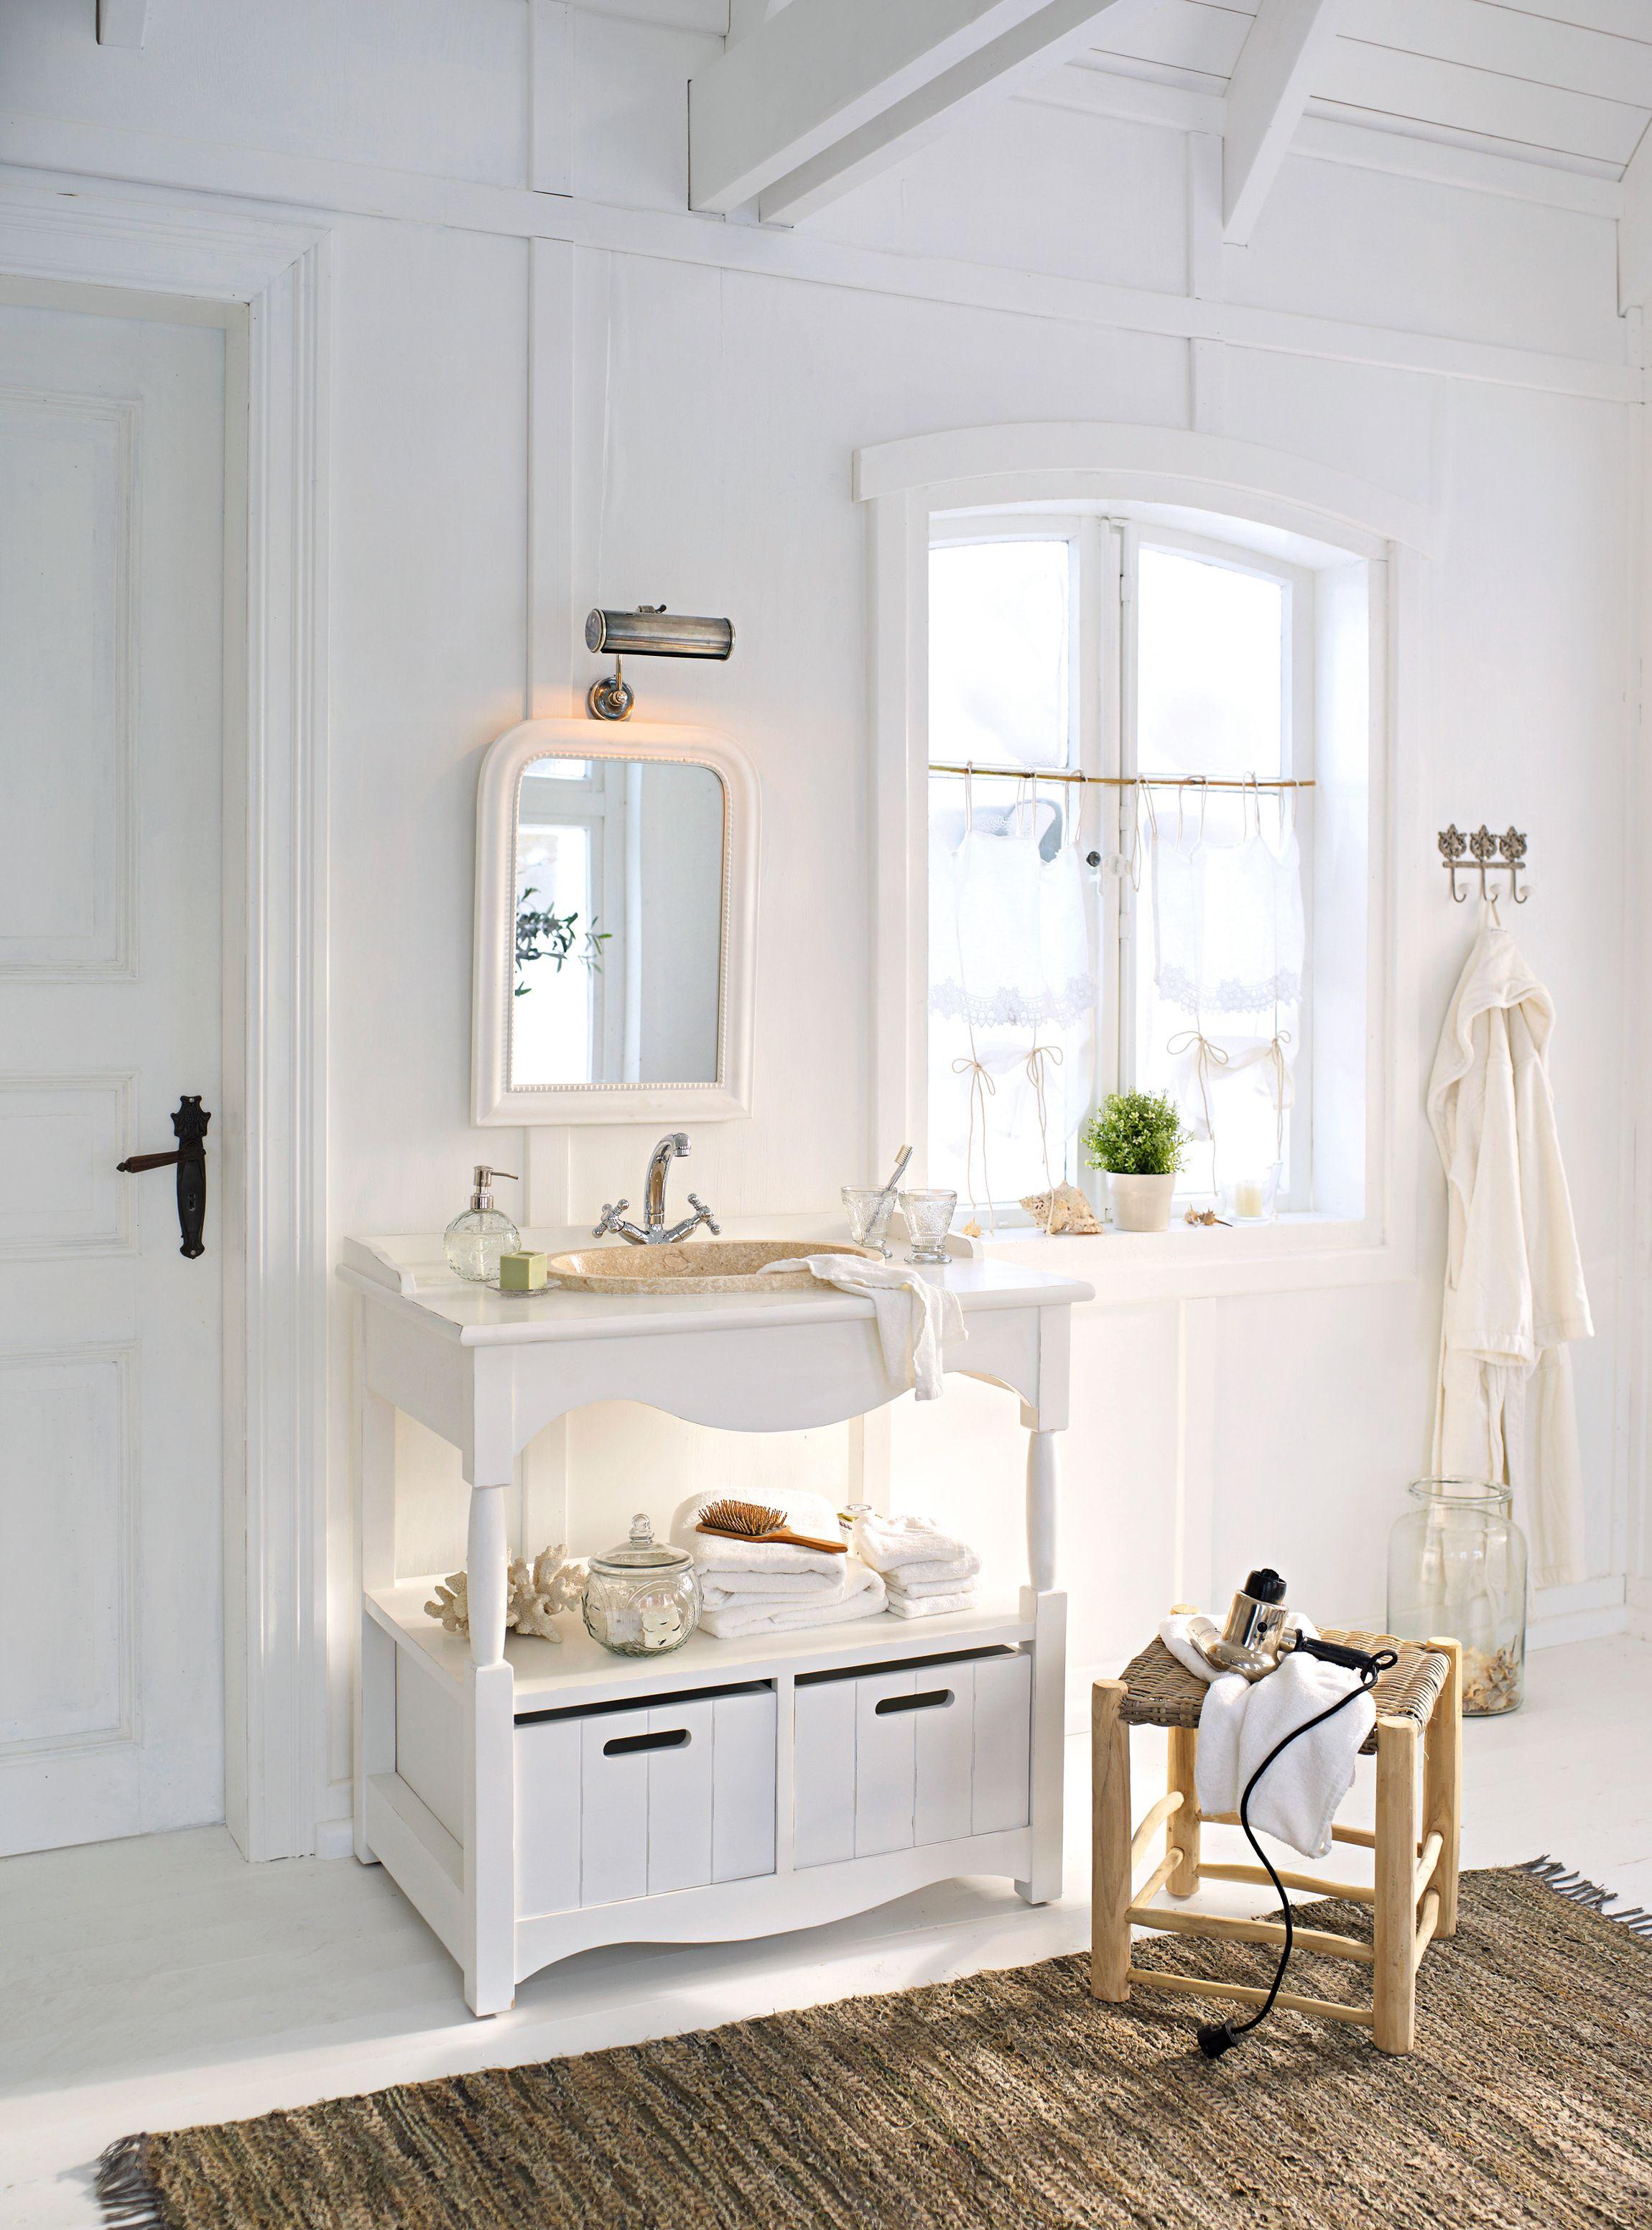 Waschtisch Florentin Gesehen Auf Loberon De Waschtisch Badezimmer Wasche Badezimmer